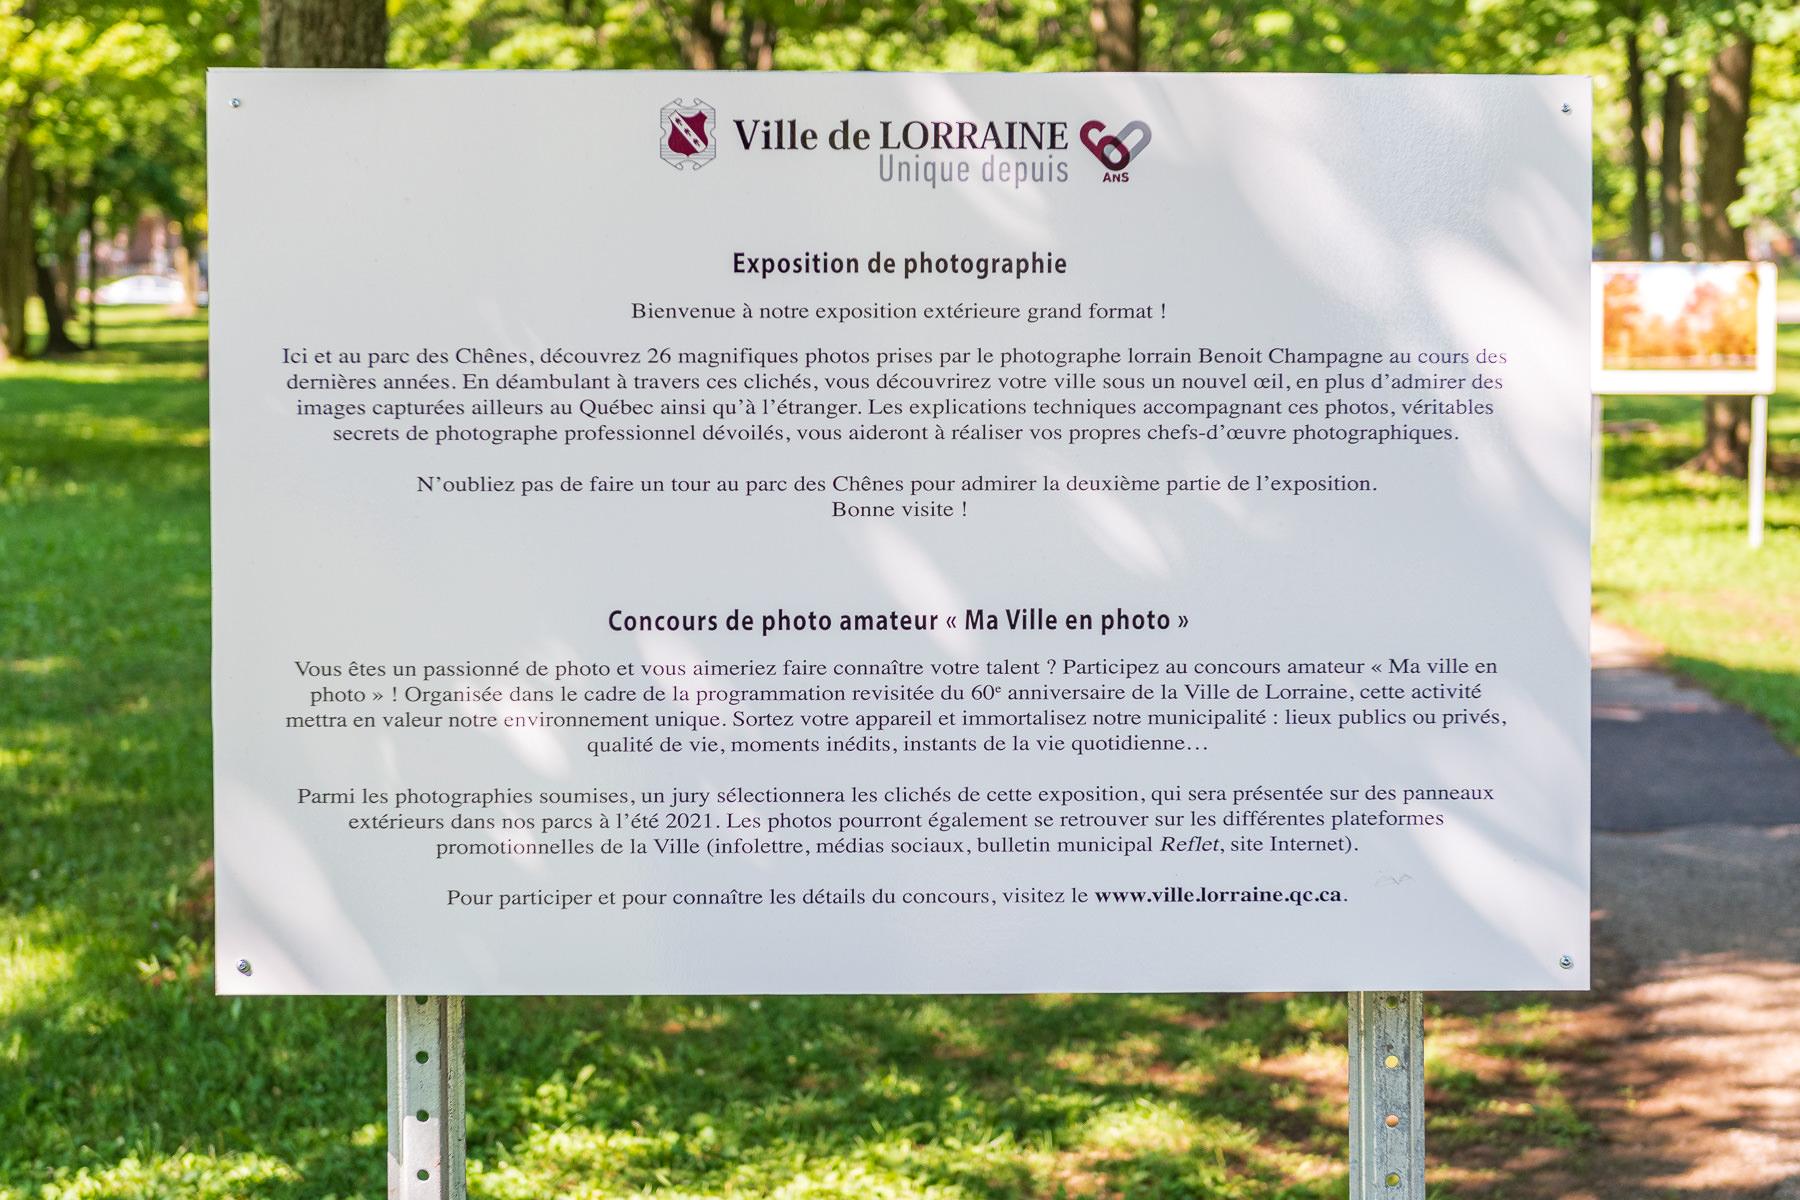 Panneau exposition en plein air au parc Lorraine, KW:  Lorraine